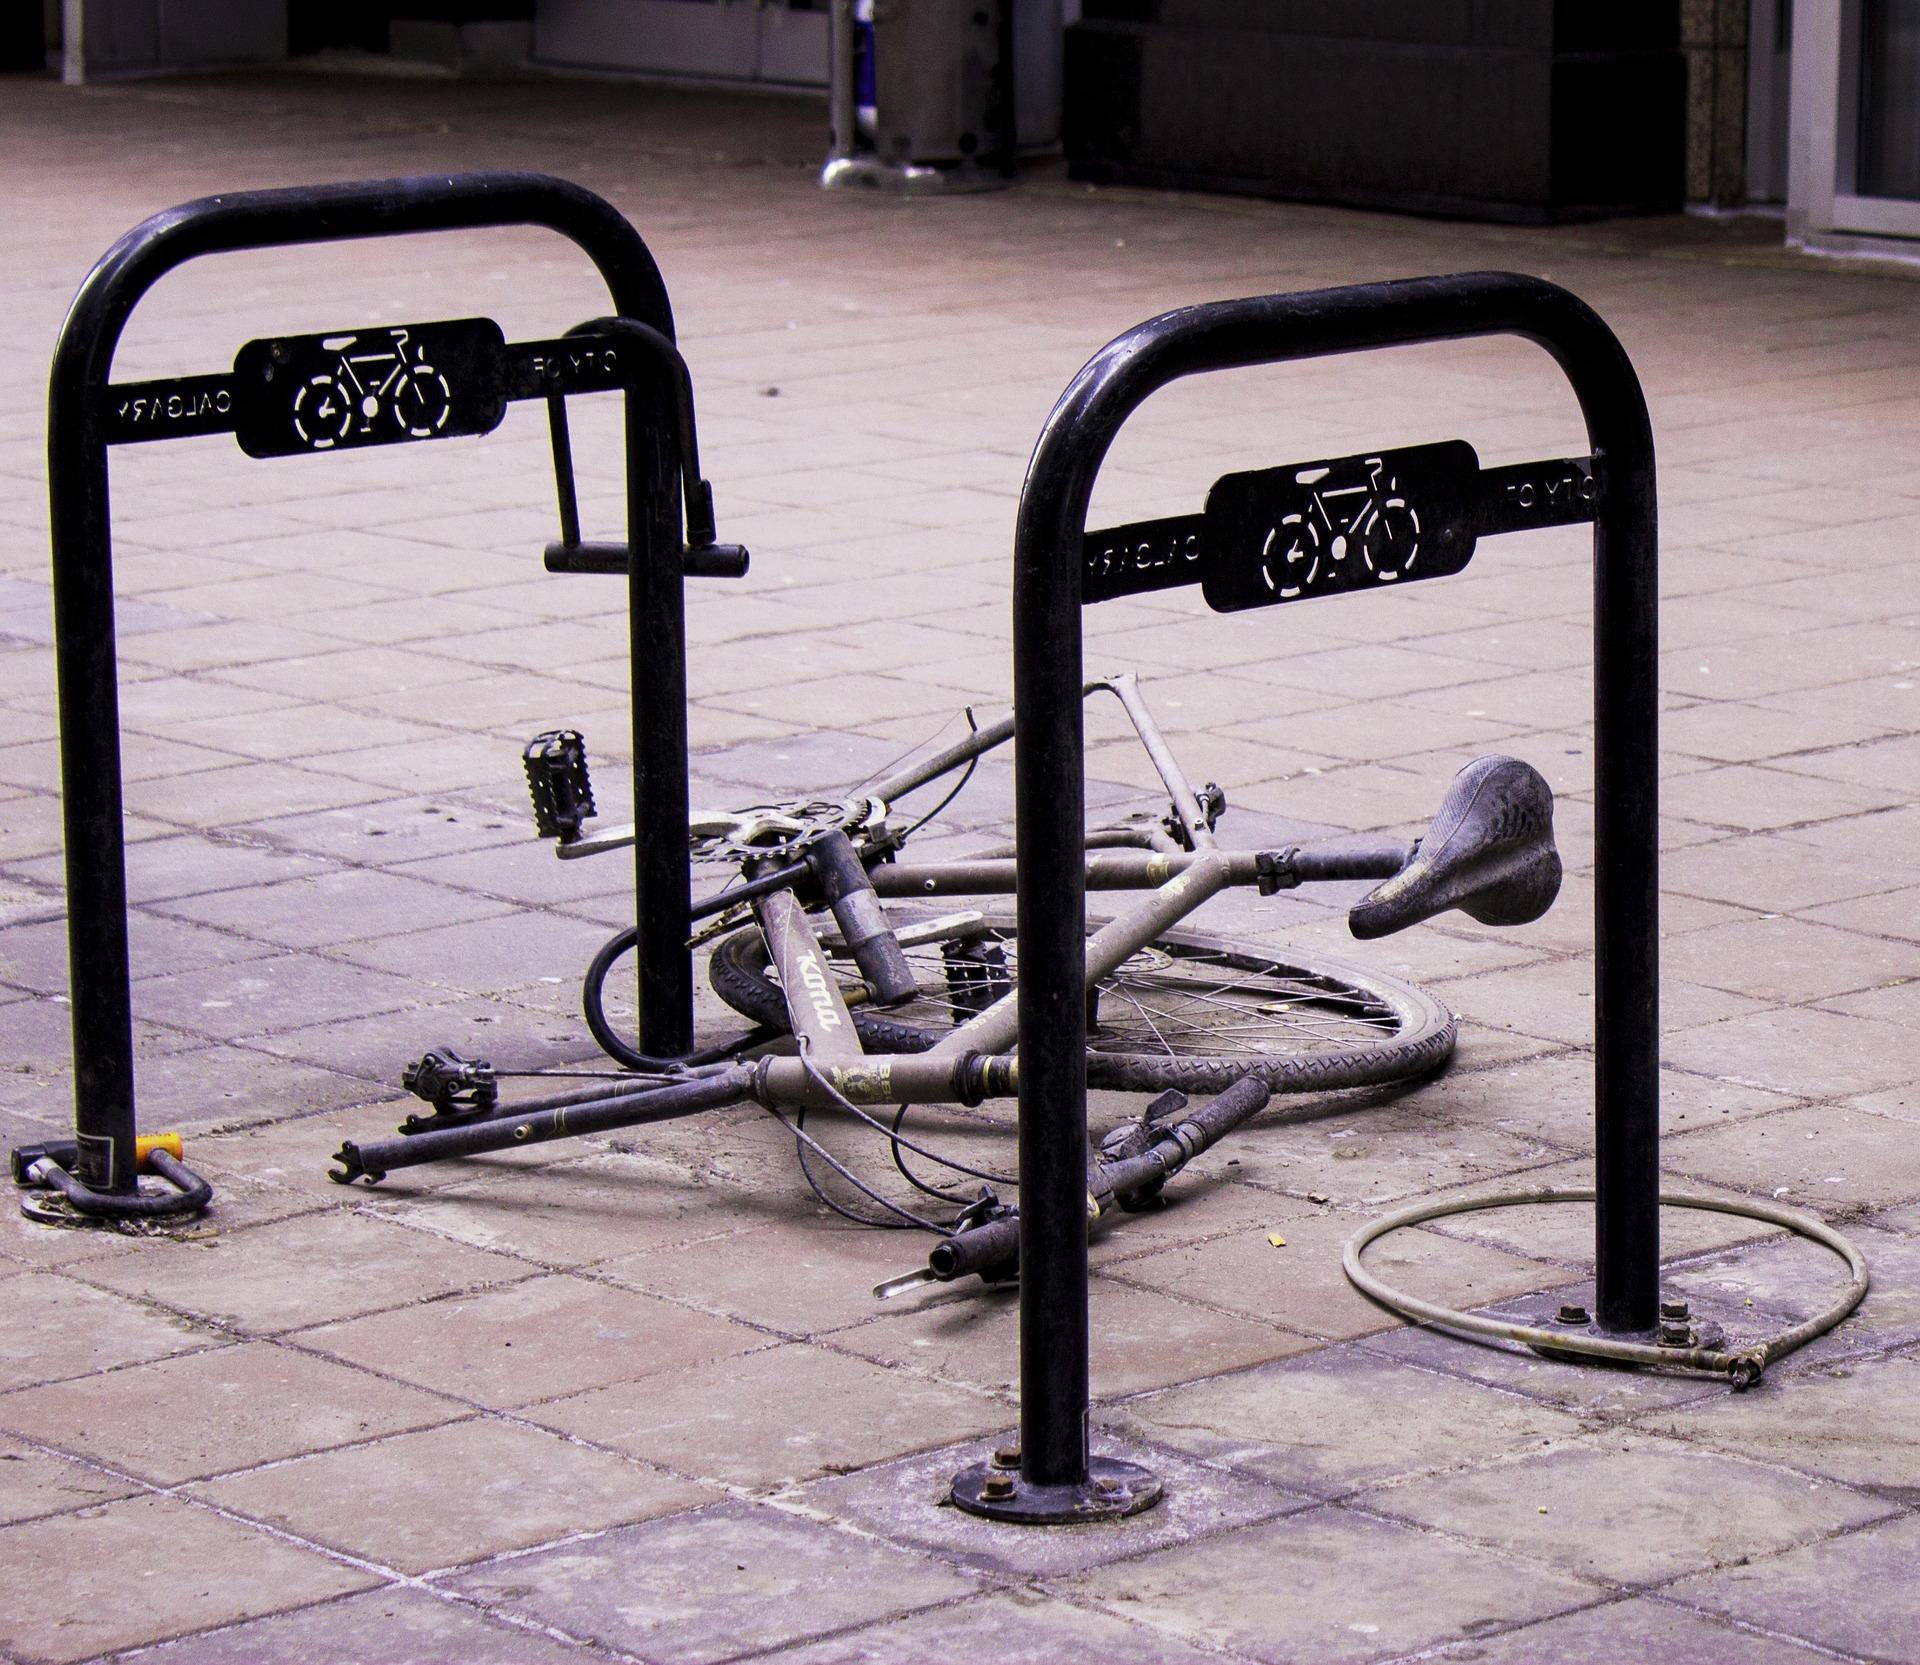 El nuevo sistema busca más seguridad para las bicicletas